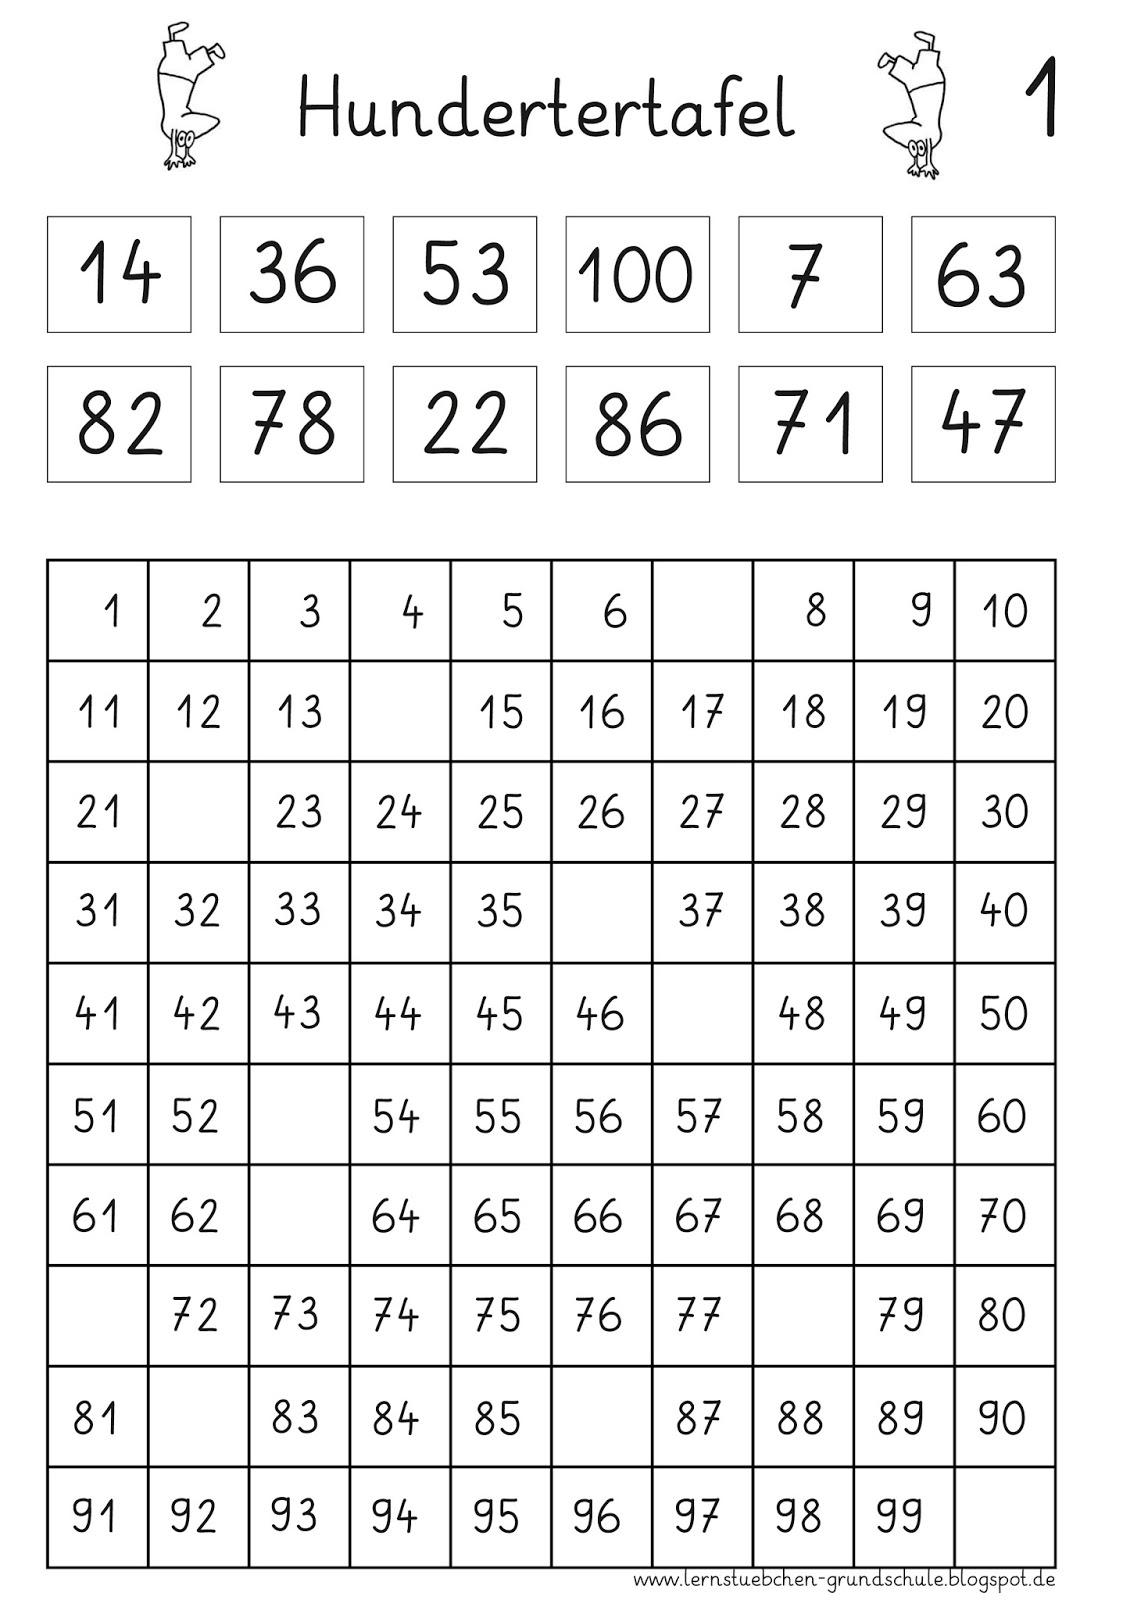 Lernstübchen: die Hundertertafel (1)